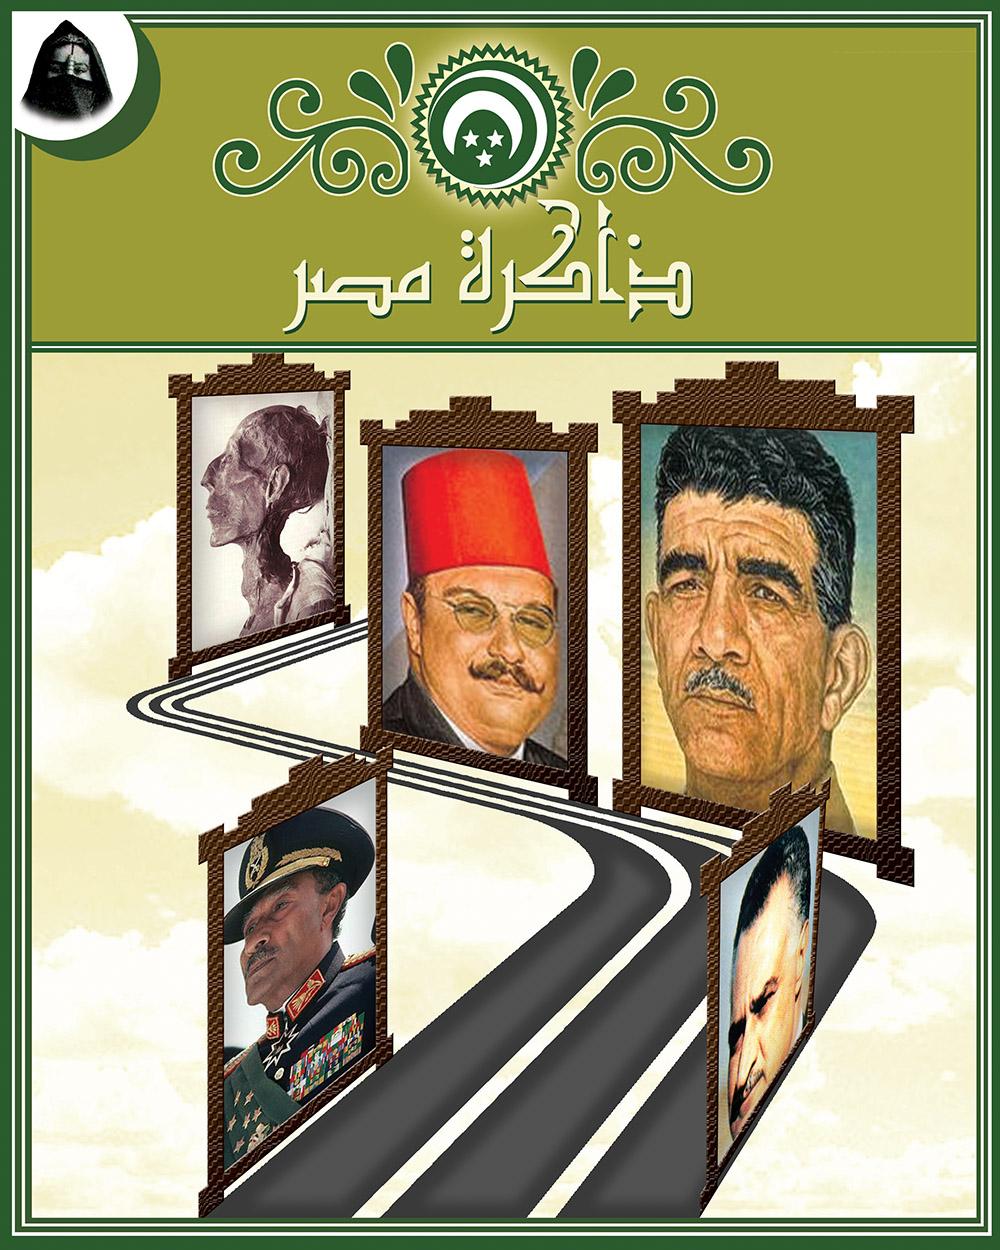 تصميم غلاف مجلة احترافي